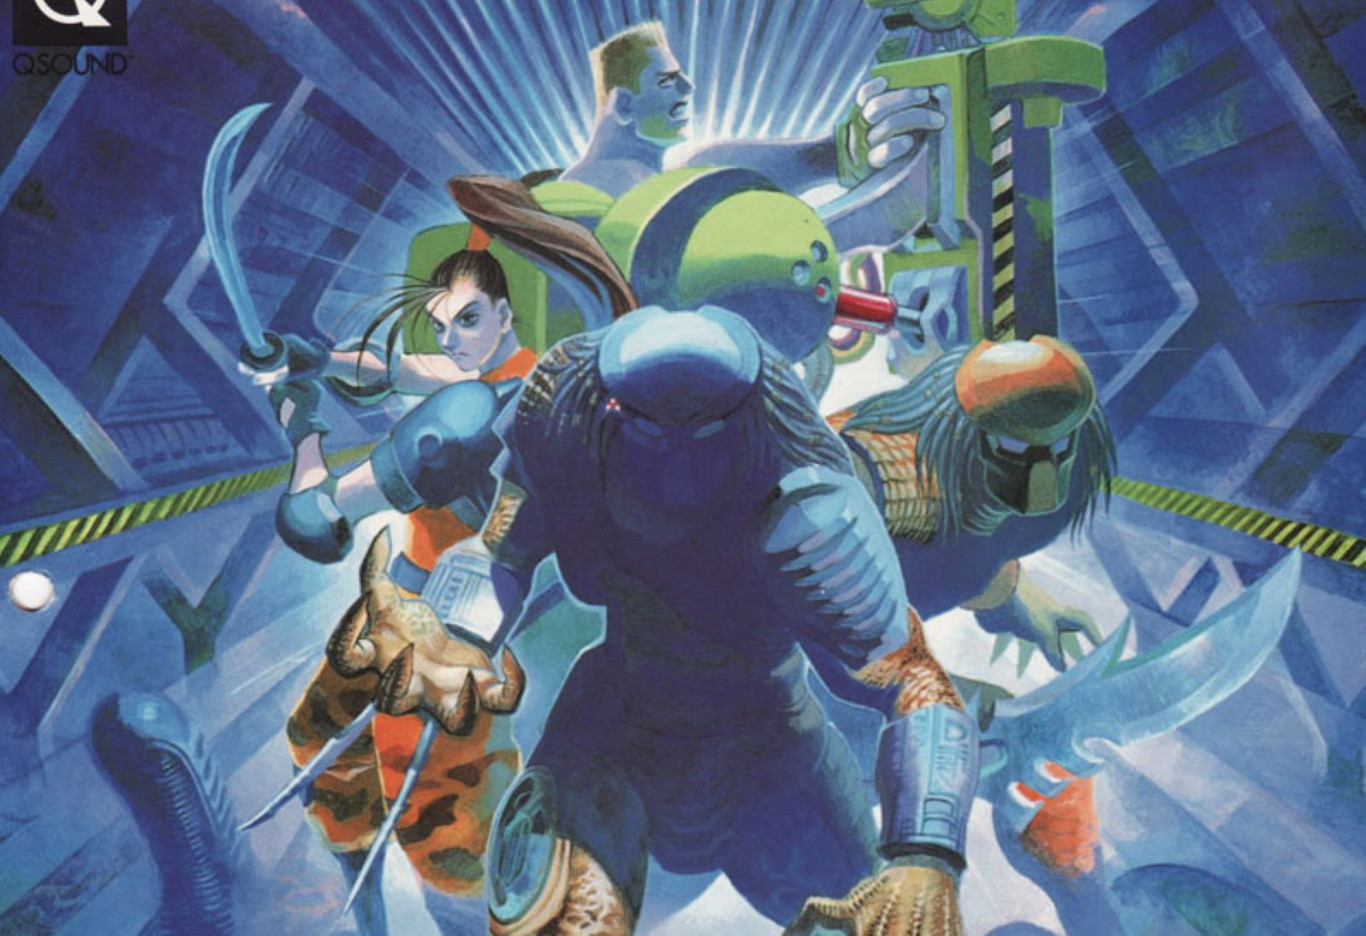 Retroanálisis de Alien vs. Predator, un beat 'em up de Capcom repleto de xenomorfos y por el que no parecen...